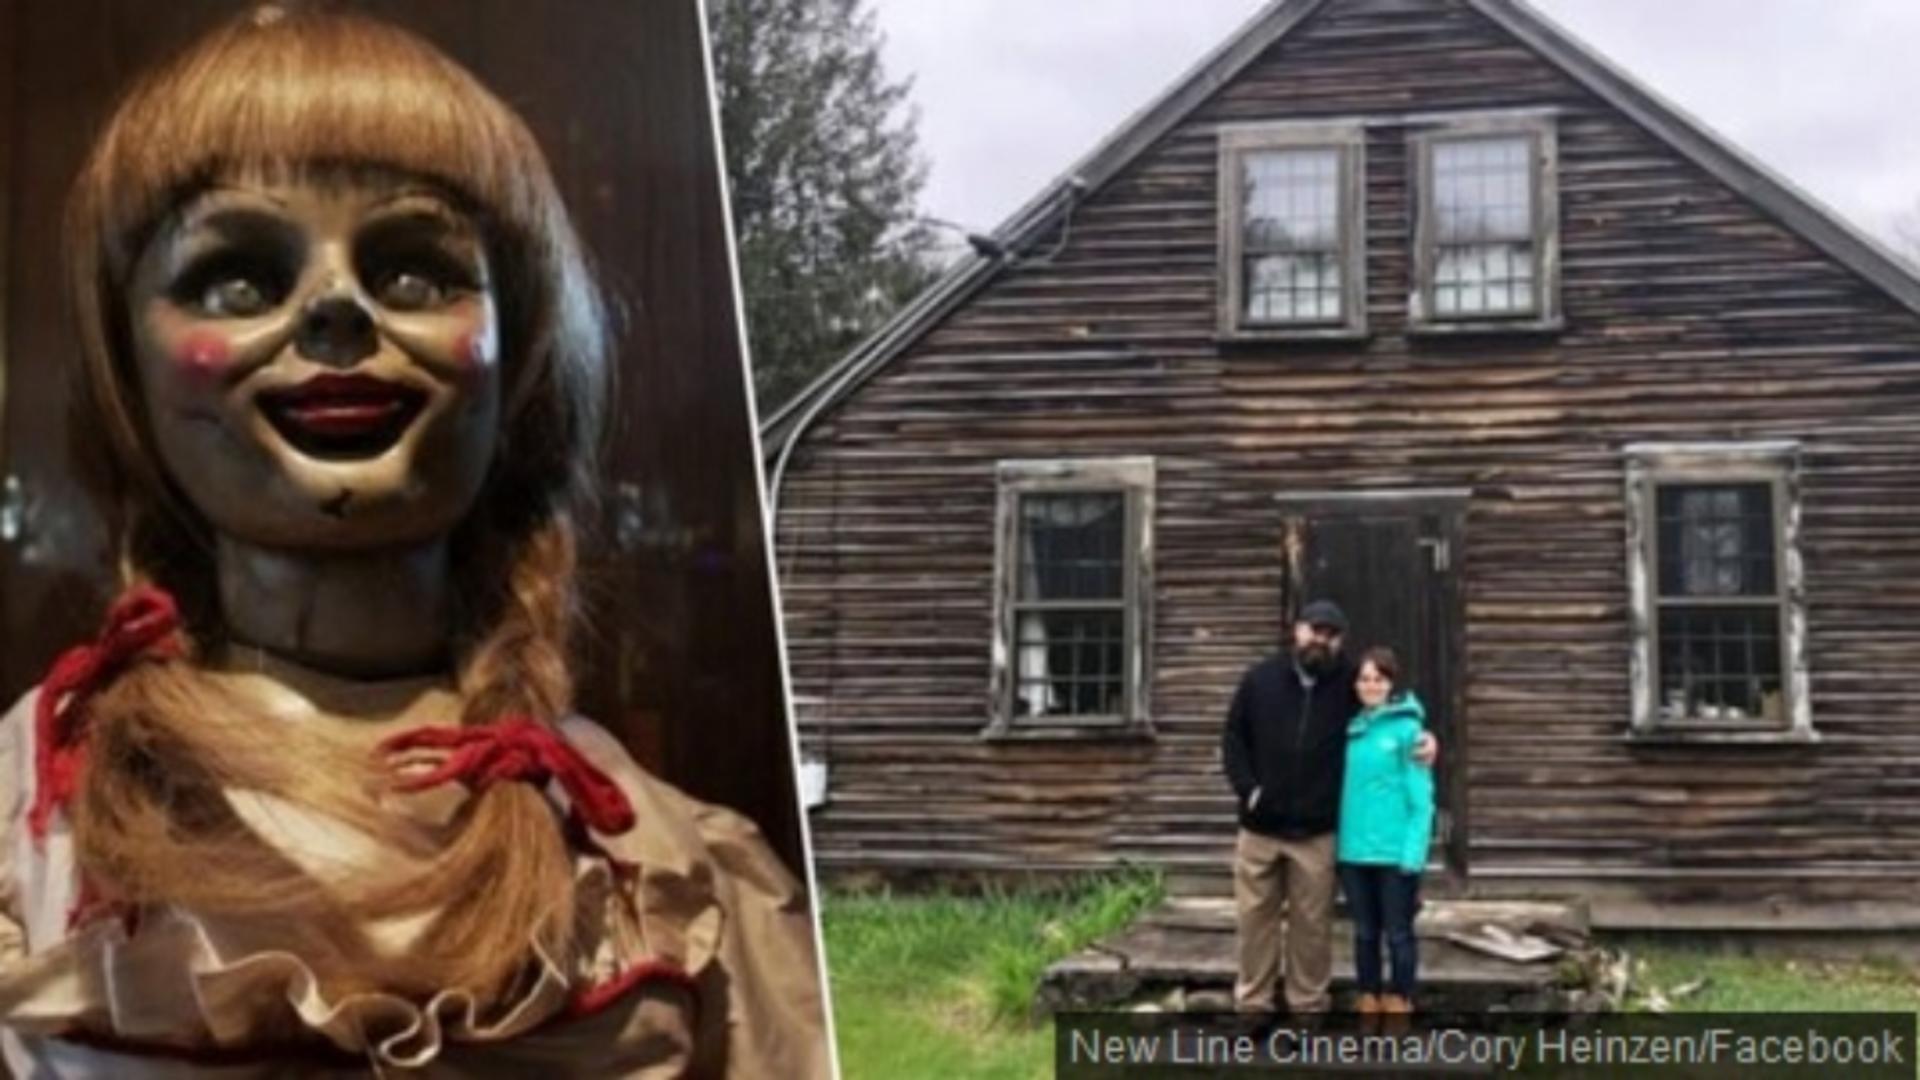 Istoria casei începe undeva în îndepărtații ani 1970